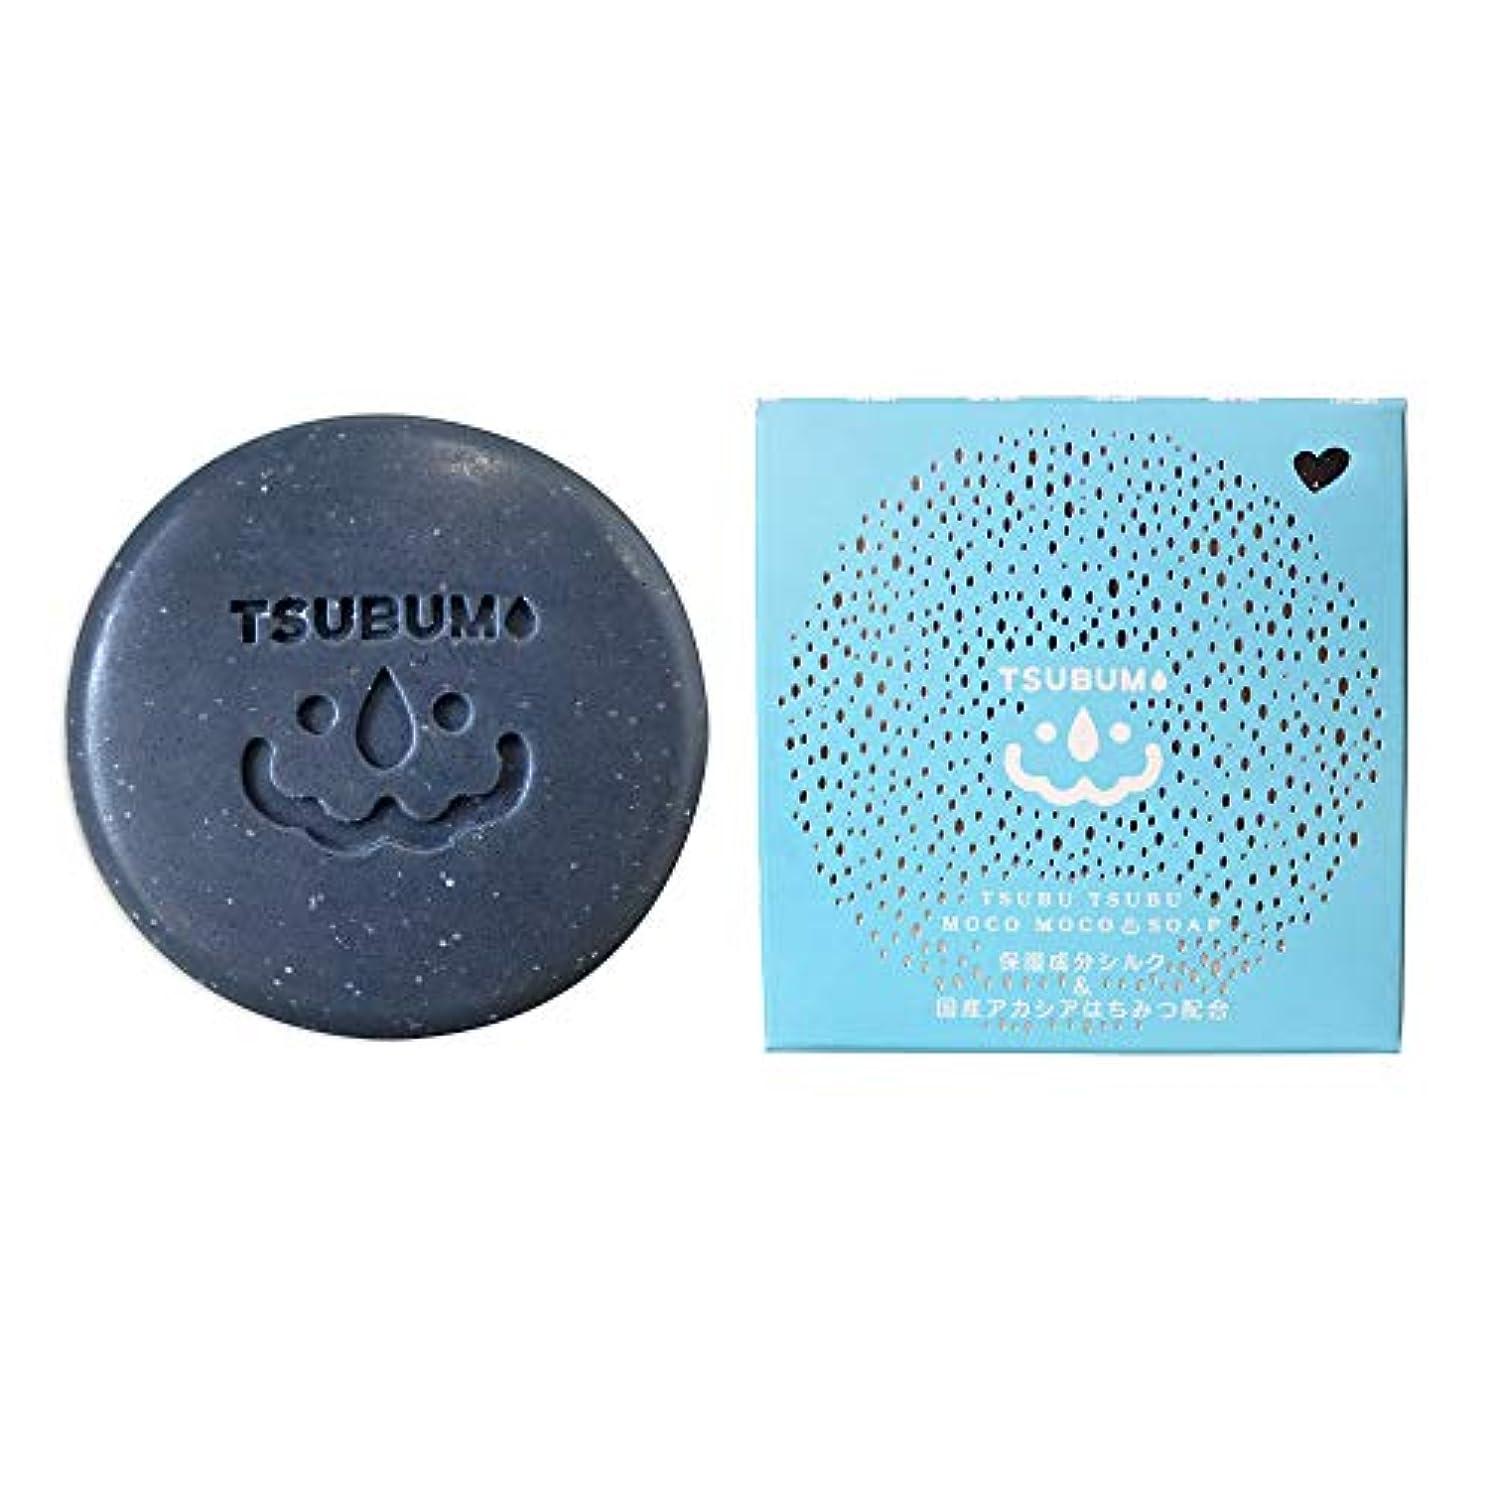 規範フォーマルスタンド【TSUBUMO(ツブモ)】天然植物由来 プレミアムミネラルソープ 固形 フェイス&ボディ用 90g×1個|アルガンオイル 馬油 ガスール 着色料不使用 低刺激 敏感肌|日本製|ファミリー向け